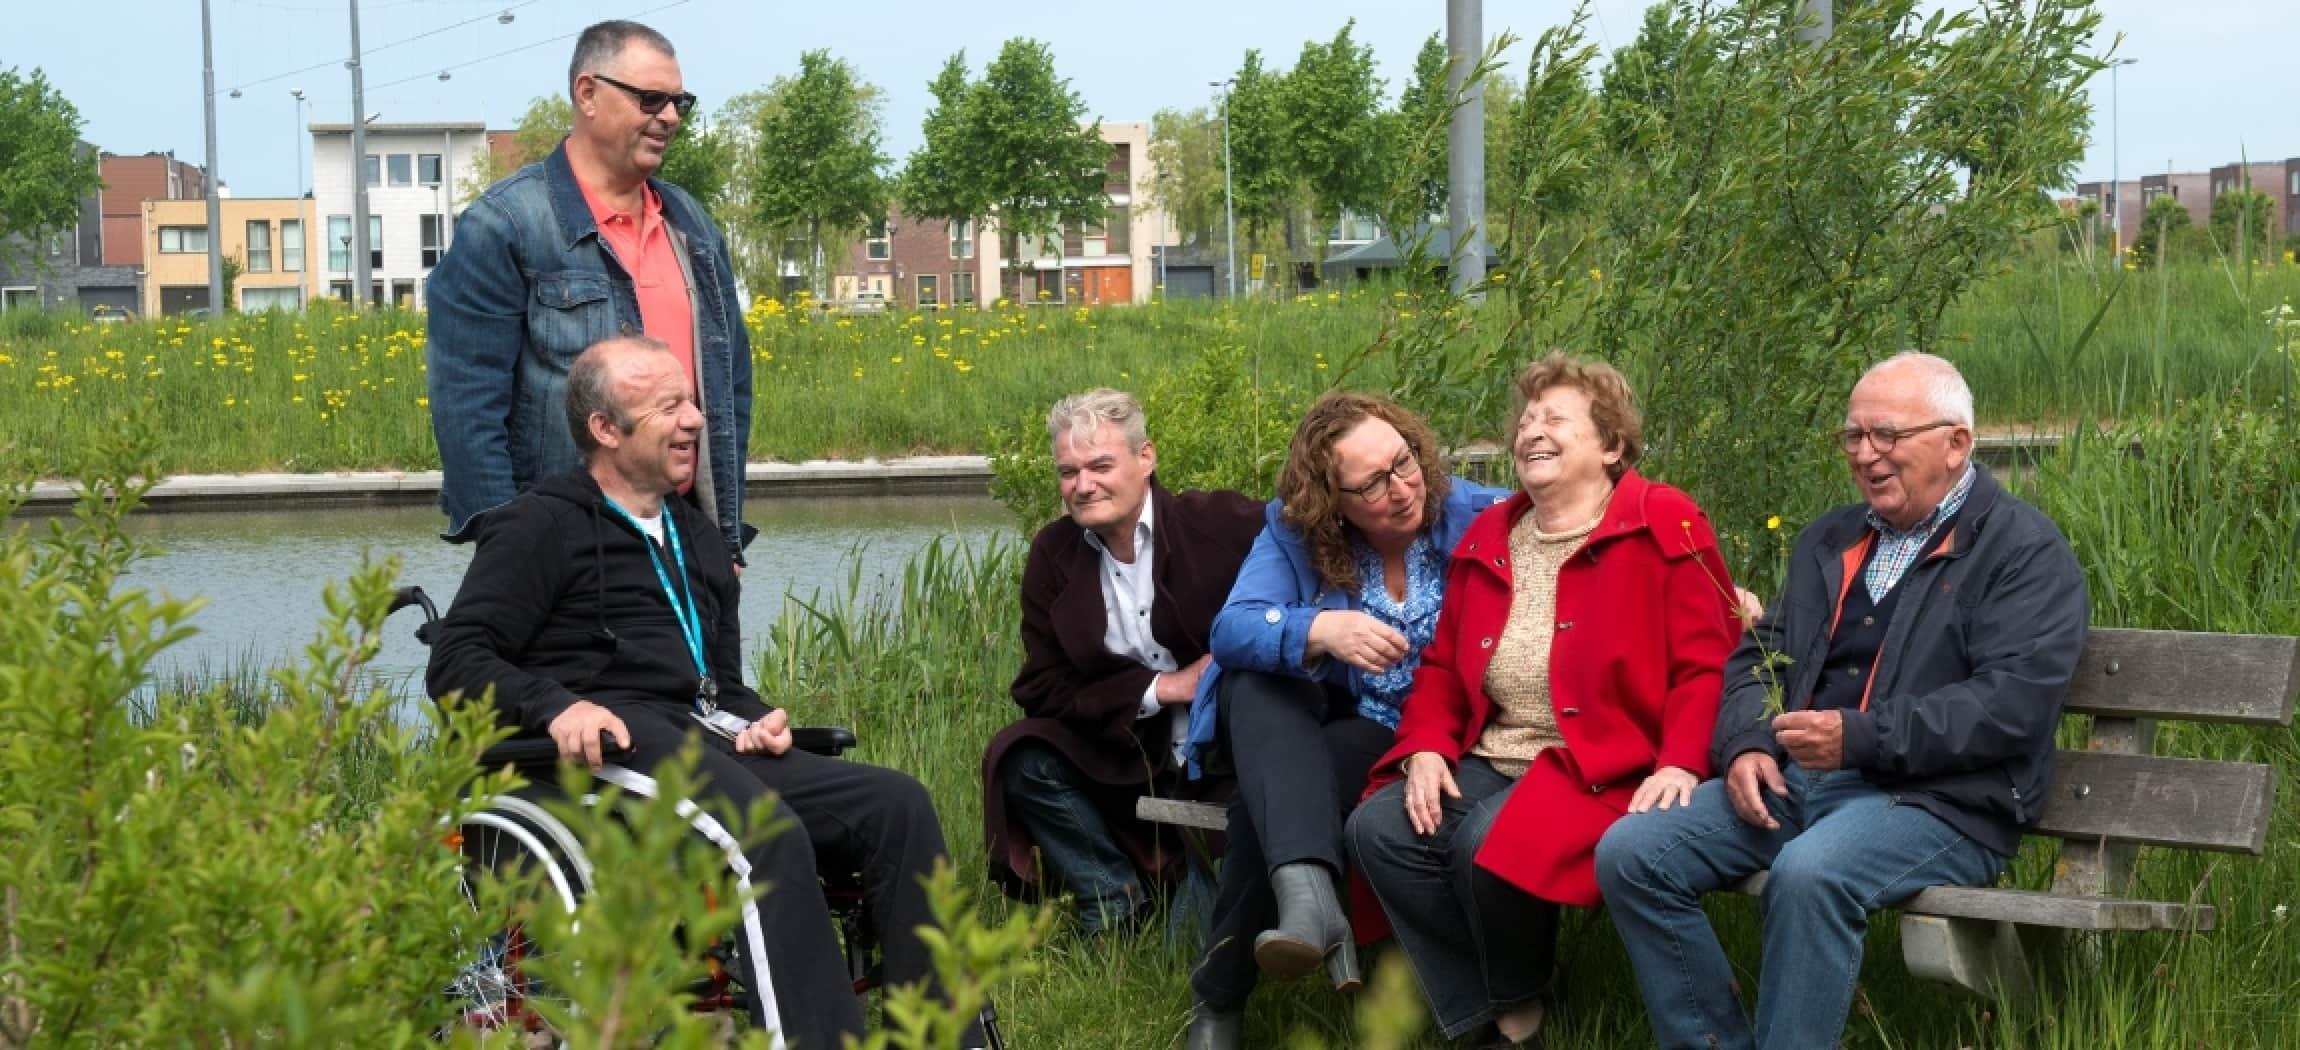 Ouderen zitten gezellig op een bankje in de groene natuur met meertje in Hoofddorp